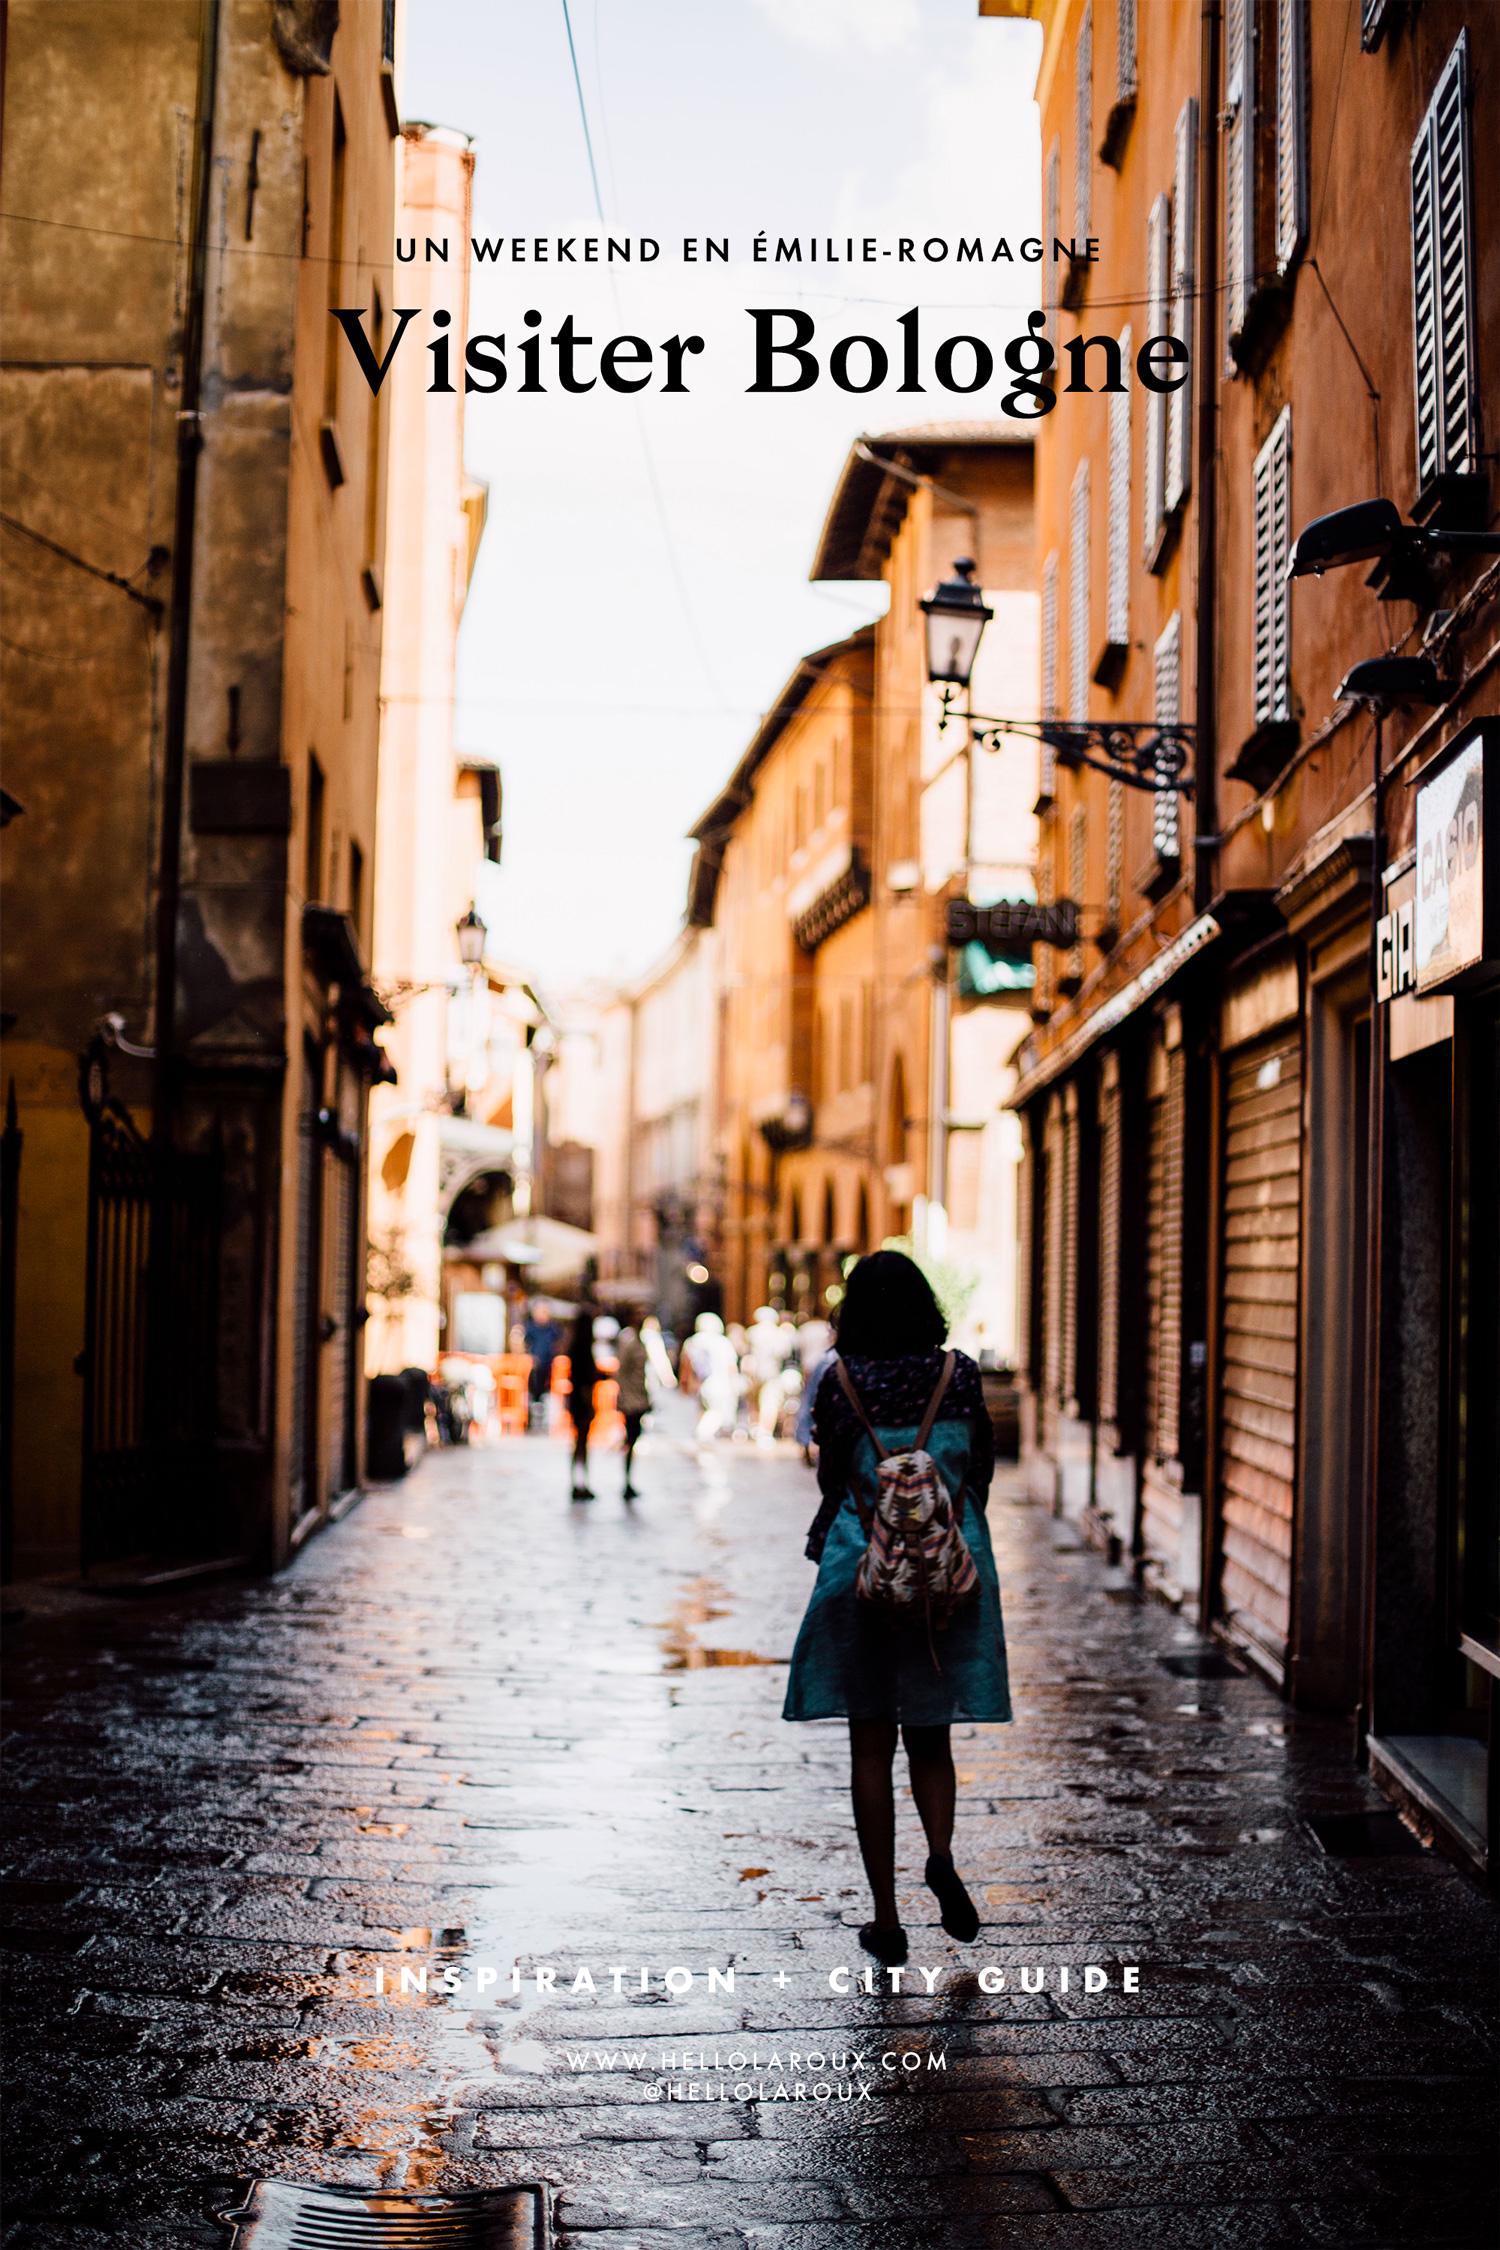 Que faire et que voir à Bologne ? Toutes mes idées et coups de cœur pour visiter Bologne en Émilie-Romagne !